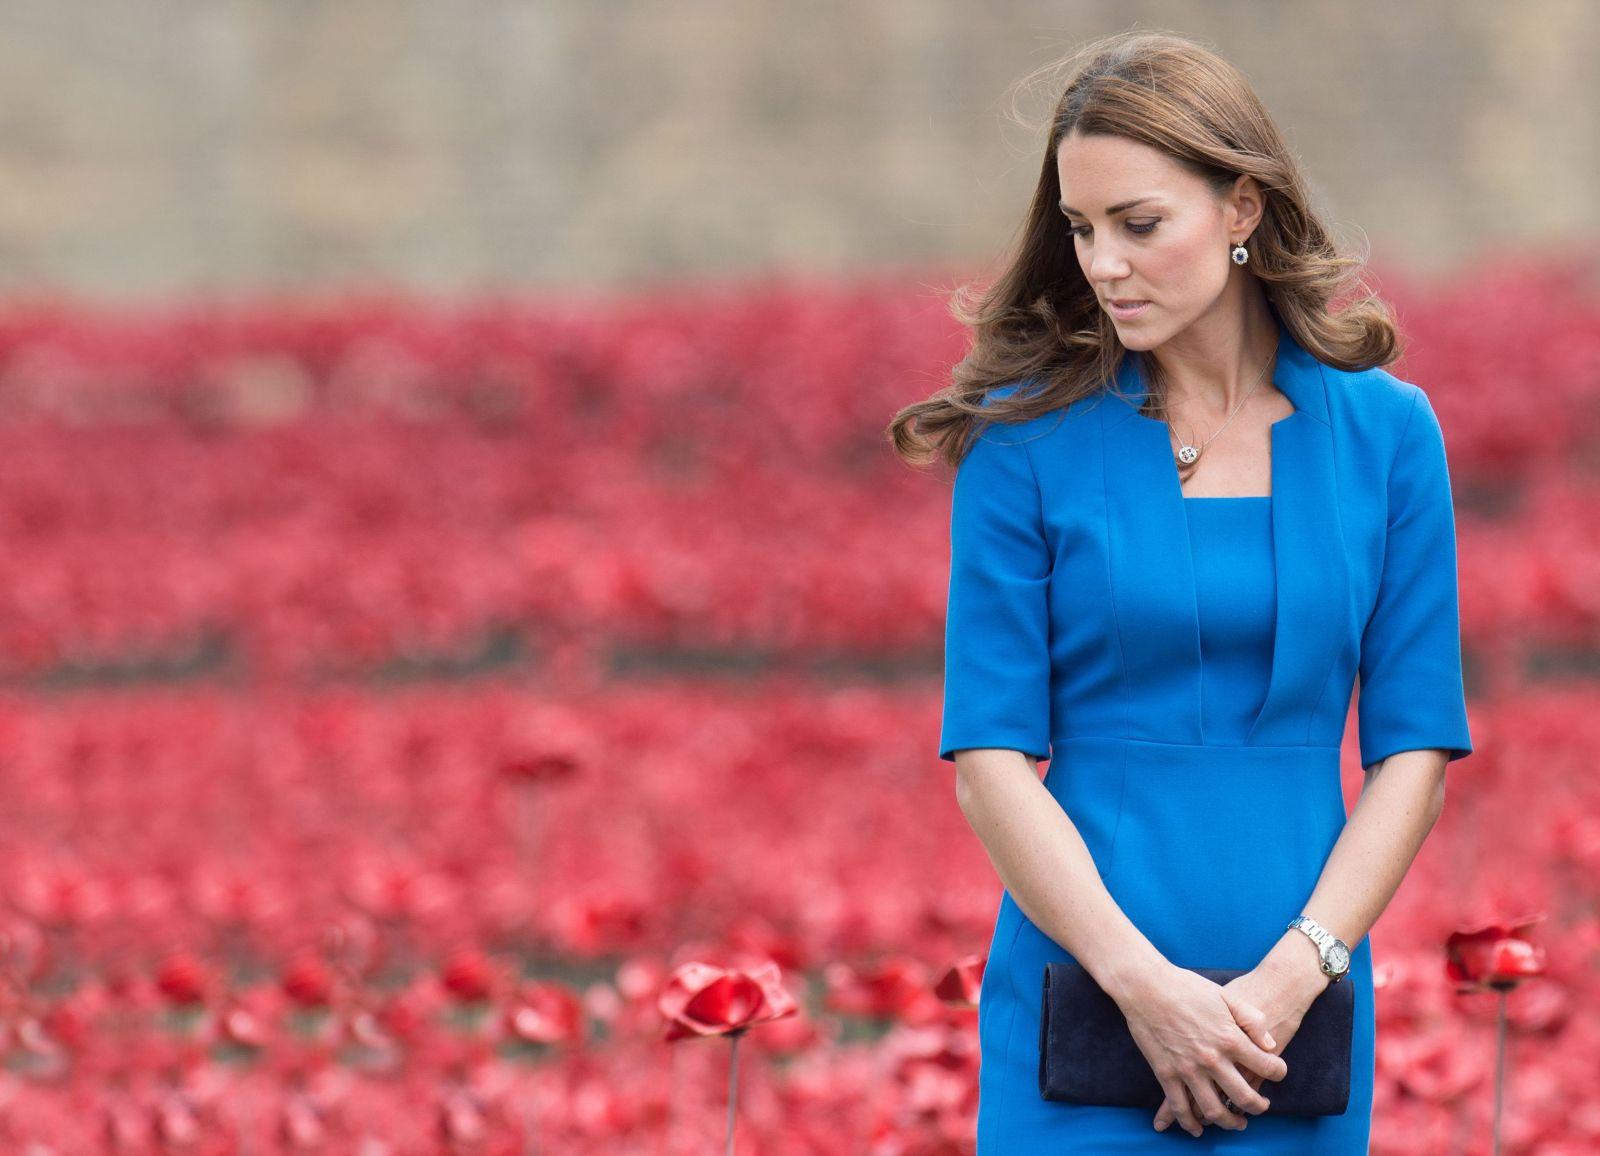 Кейт Миддлтон ждет второго ребенка